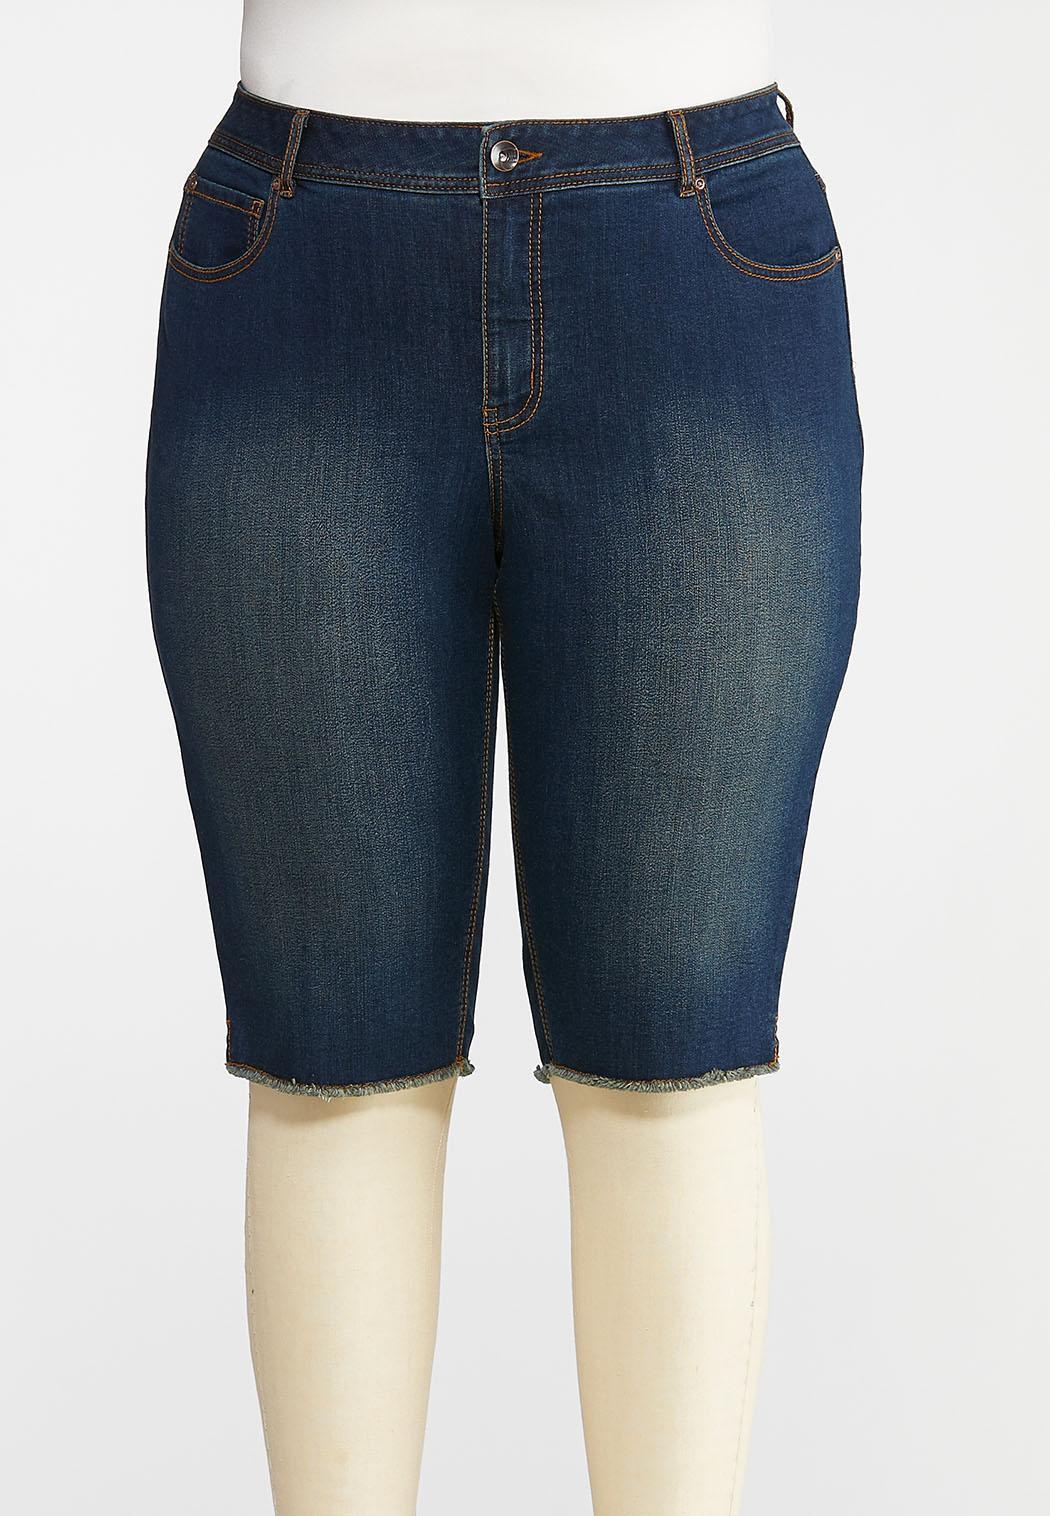 a008453c85 Plus Size Women's Jeans: Women's Denim, Jackets, Skirts & Vests